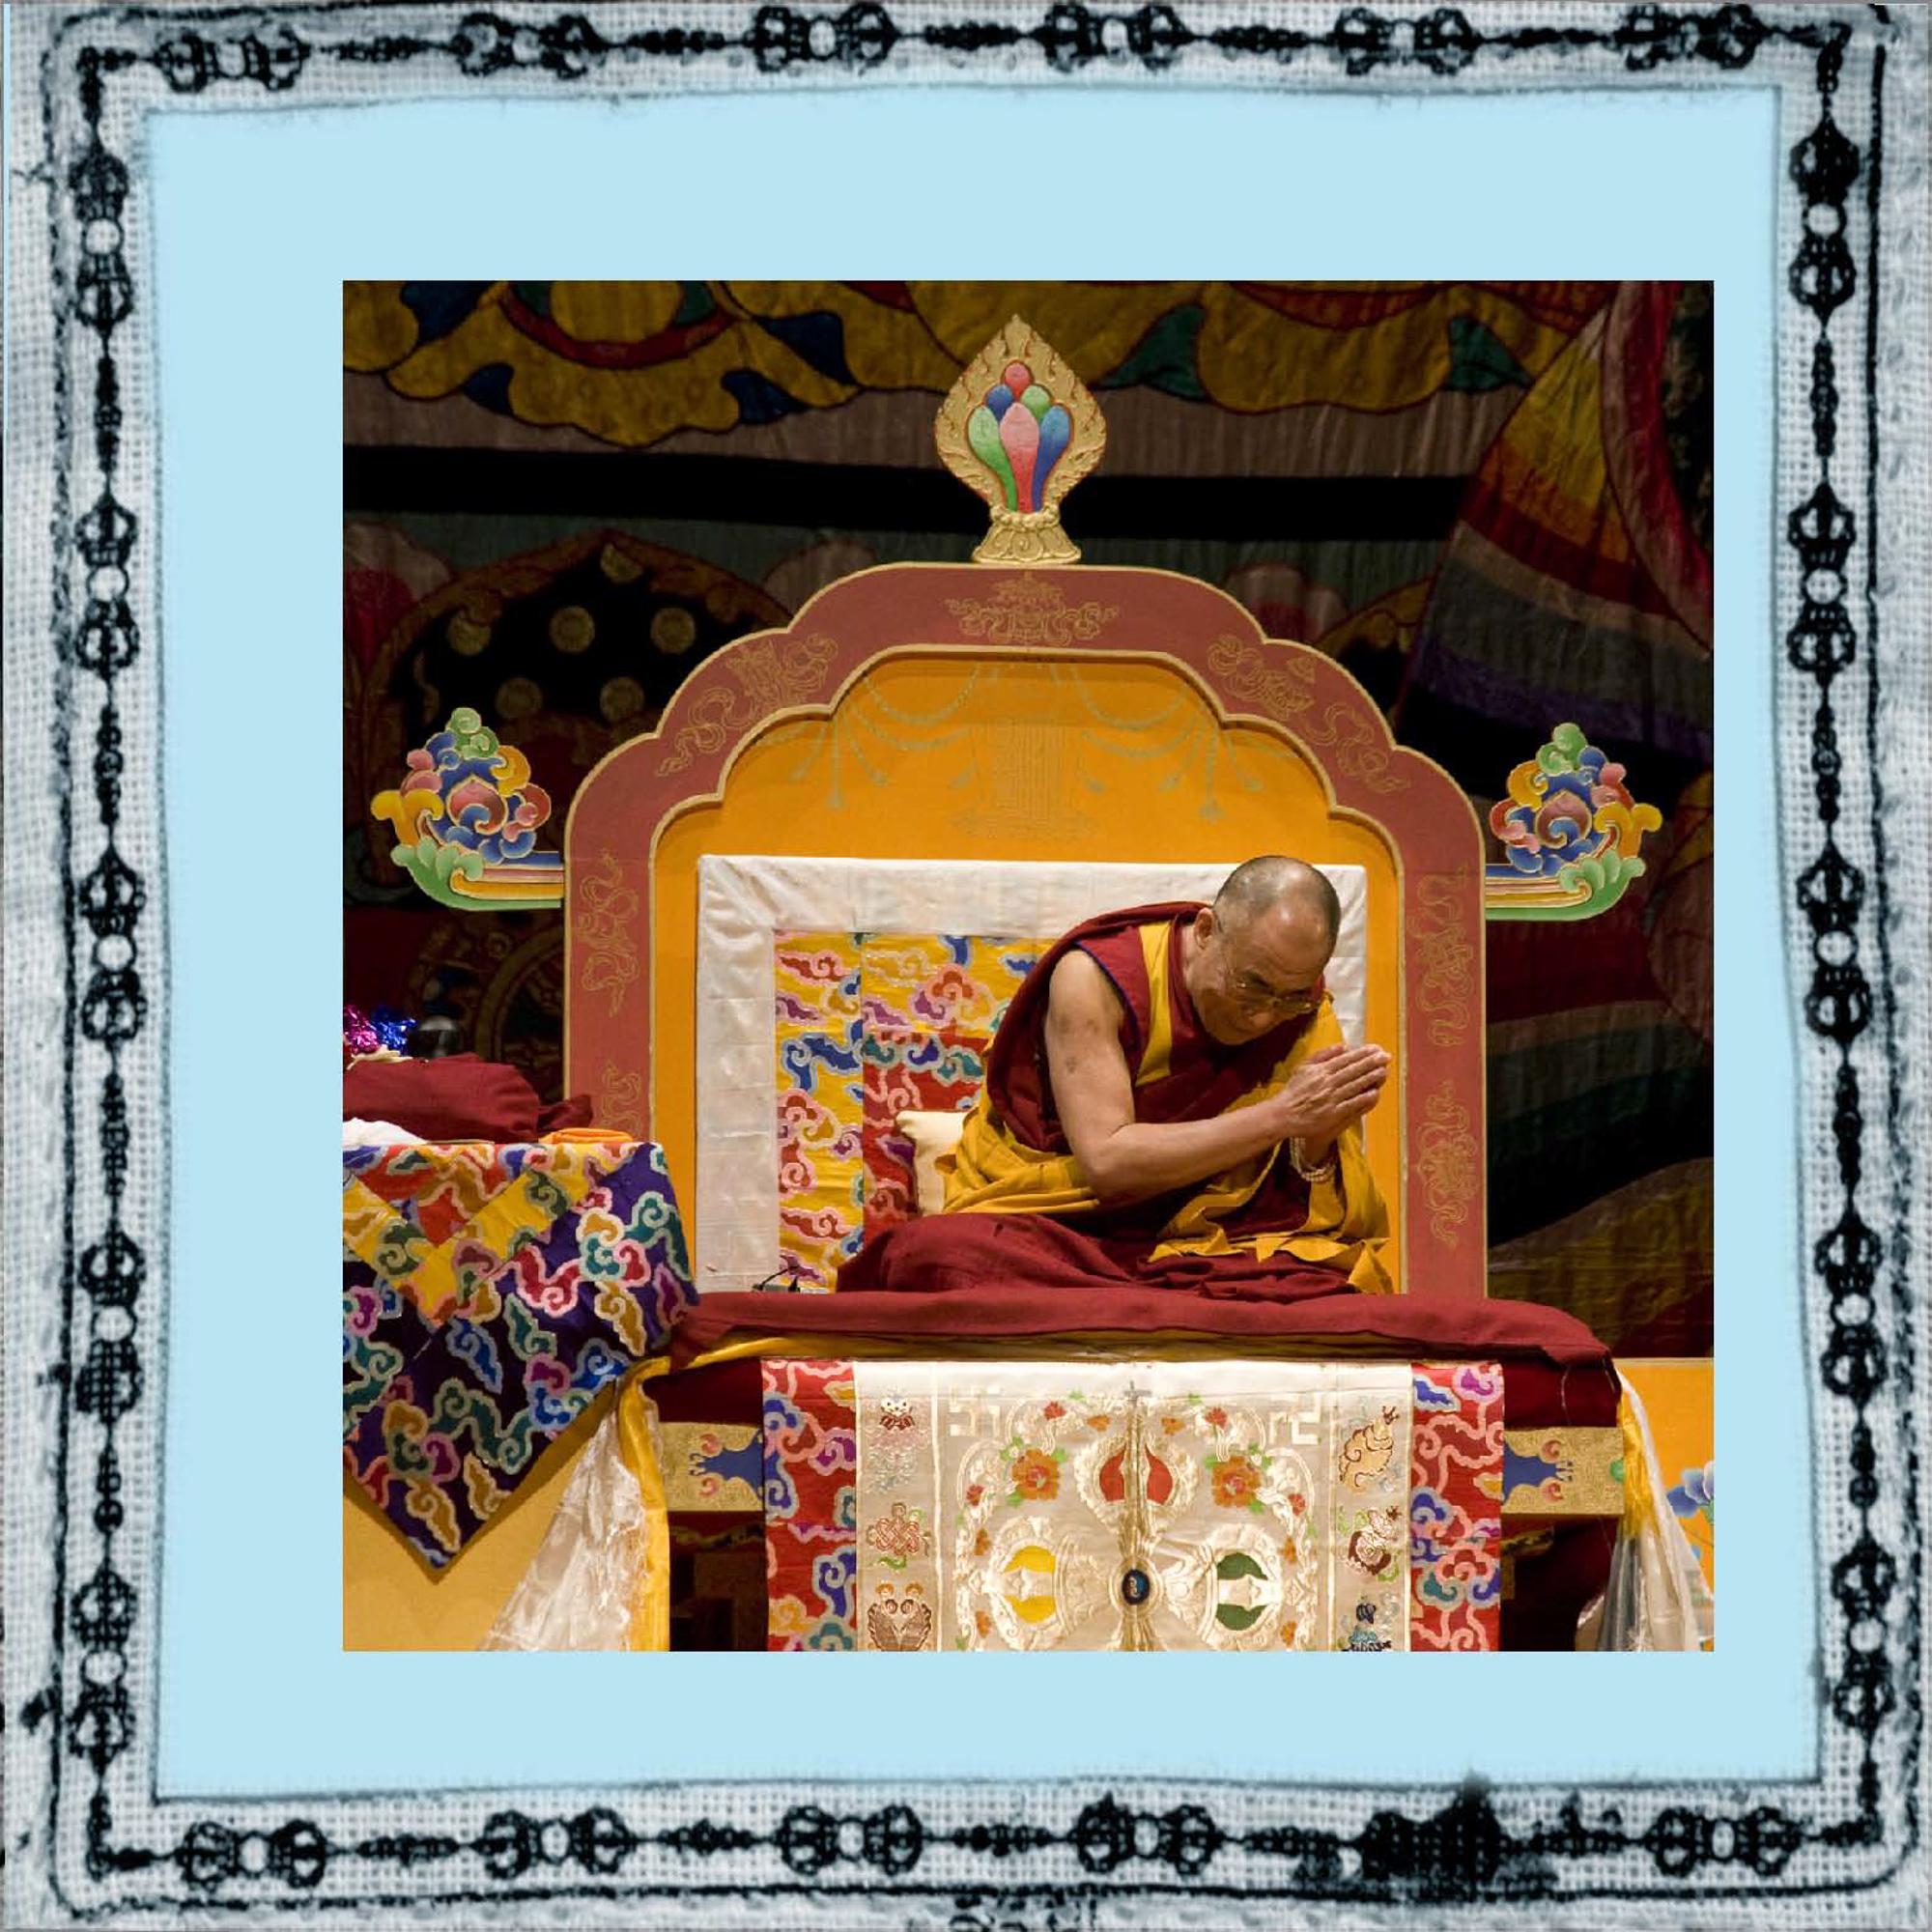 elizabeth-fenwick-photography-dalai-lama-peace-9.jpg